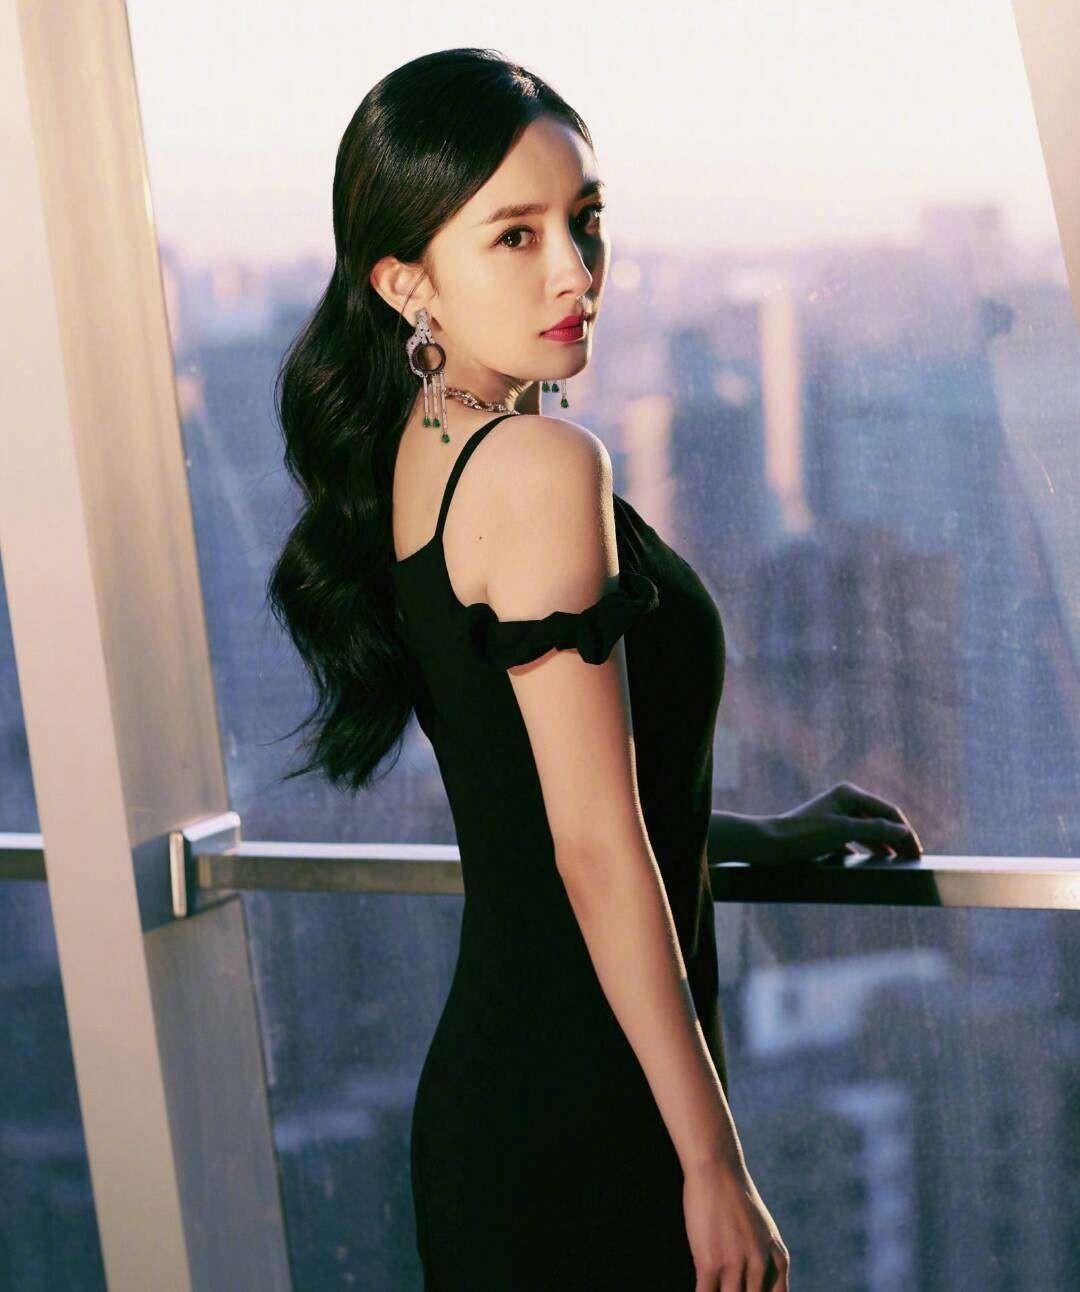 2020 высокое качество мода ювелирные изделия женские серьги с вечерние платья лучшие ювелирные изделия Шарм великолепные серьги стержня K2EM